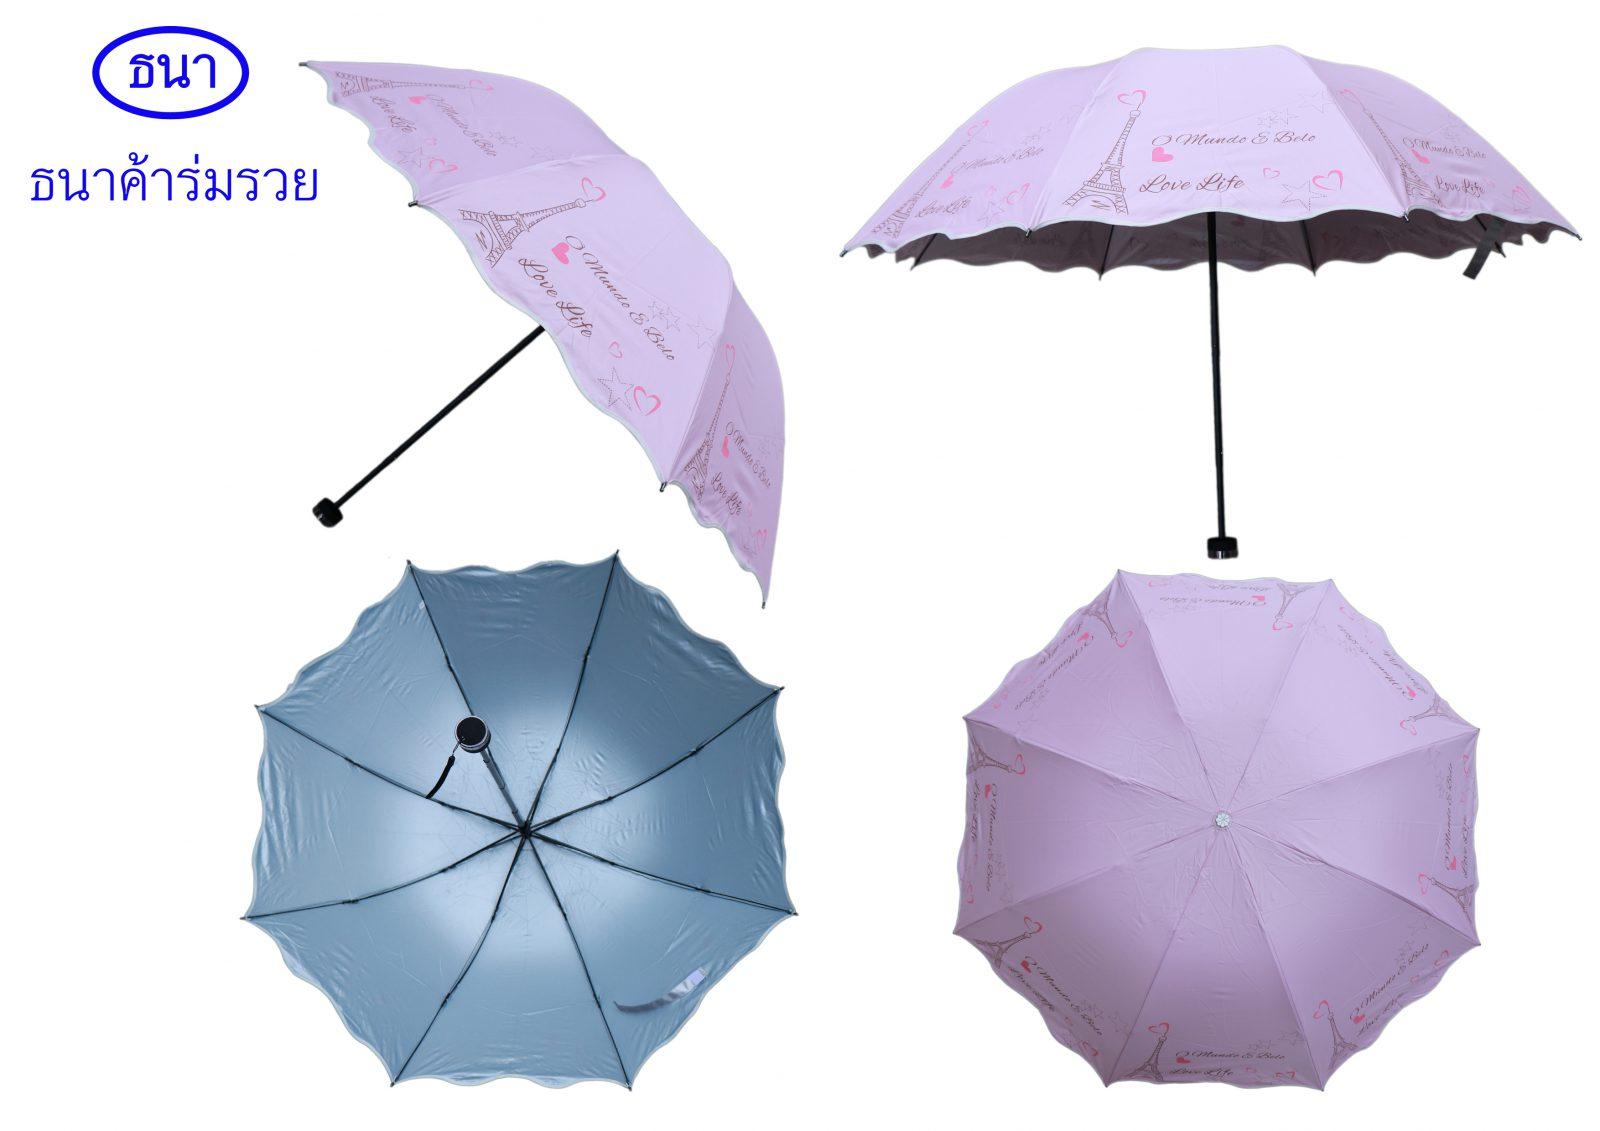 ร่มหนึ่งอุปกรณ์ที่สามารถช่วยกันแดดกันฝนได้อย่างดี